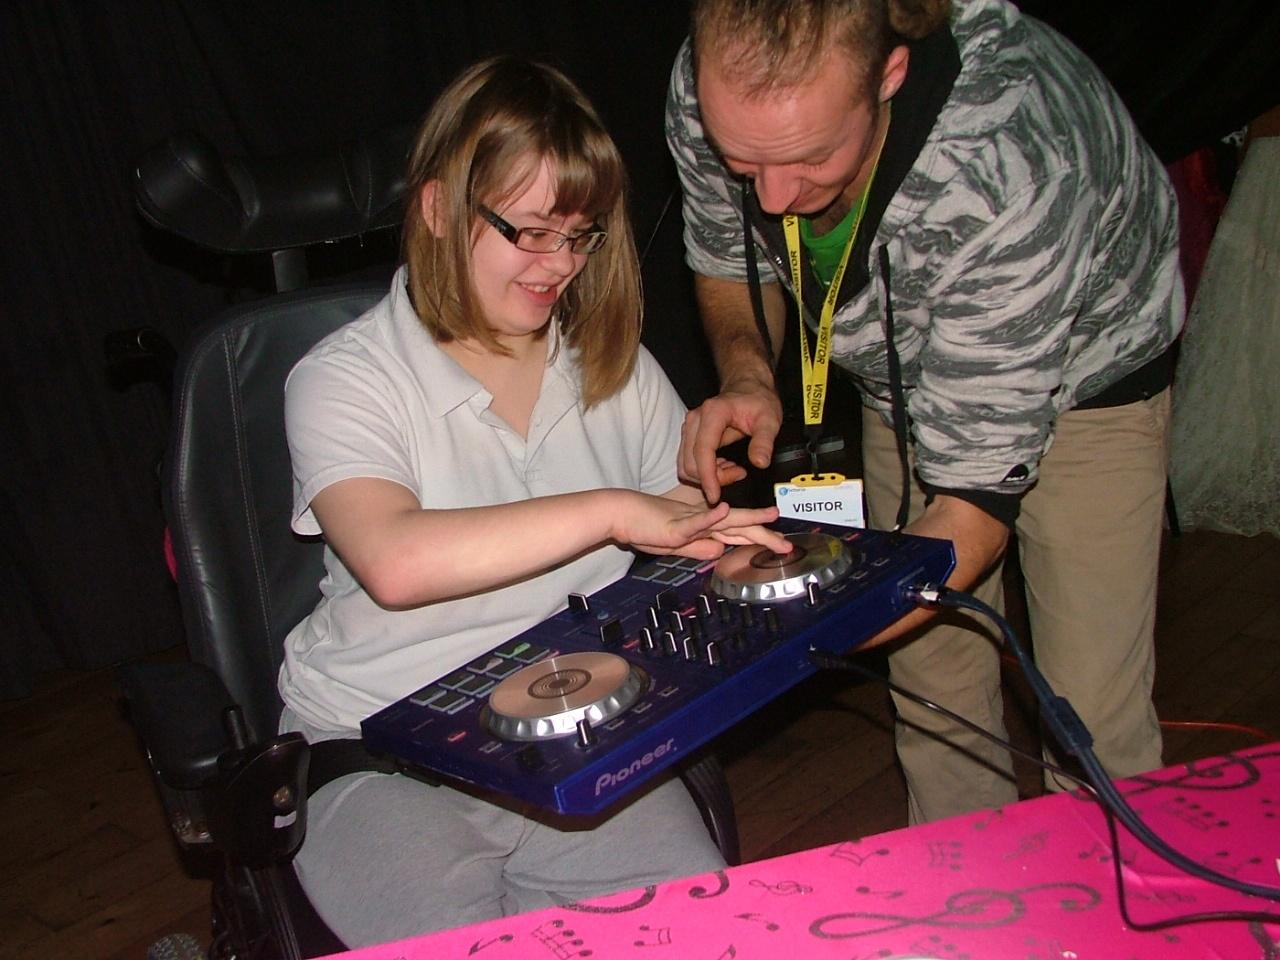 DJ scratching workshop 1 028